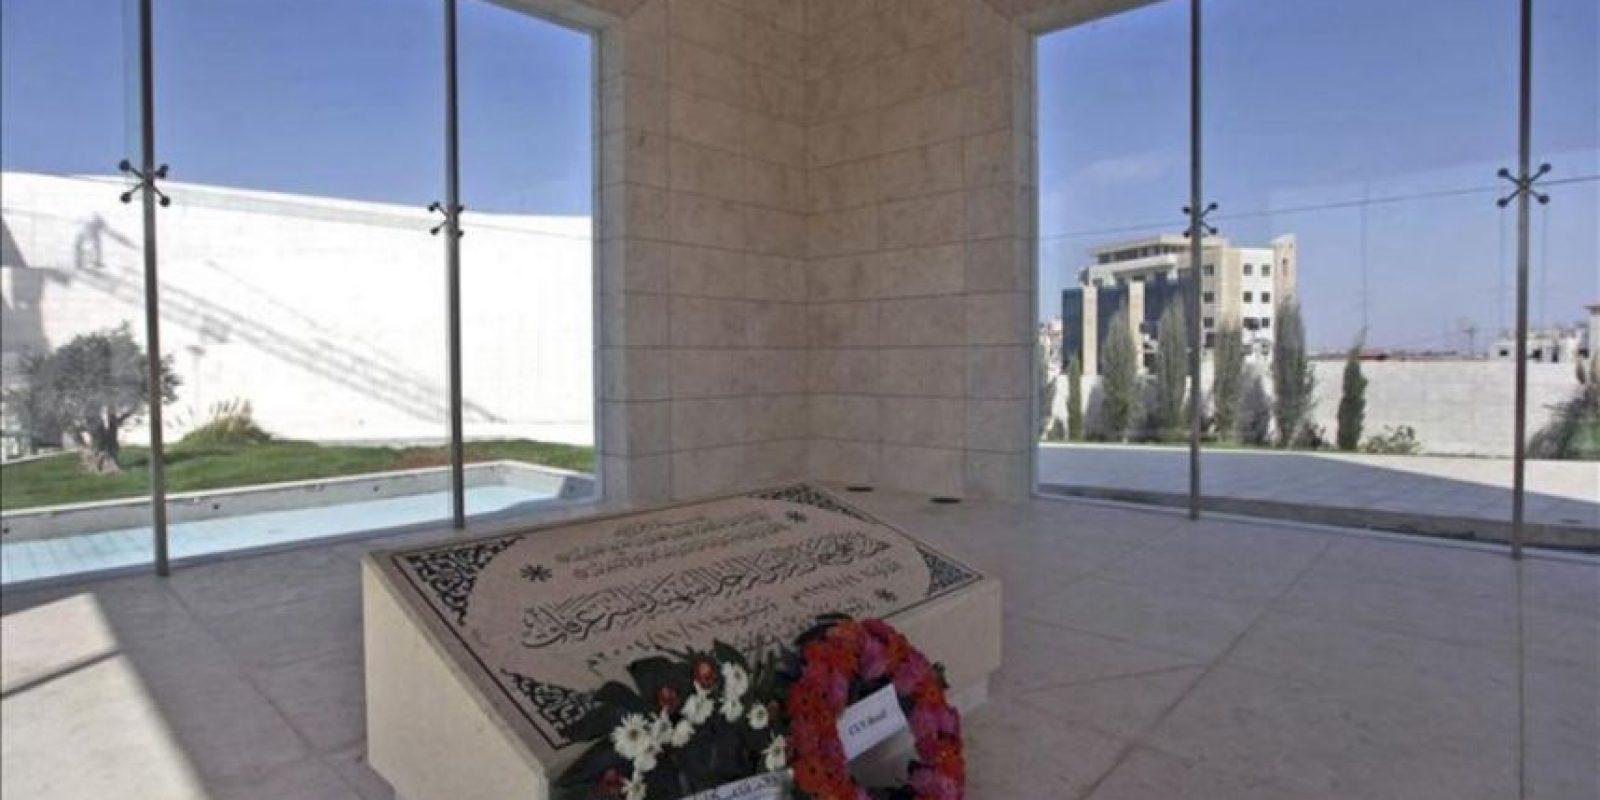 Imagen cedida el pasado mes de octubre, de la tumba del expresidente palestino Yaser Arafat en la ciudad cisjordana de Ramala. EFE/Archivo